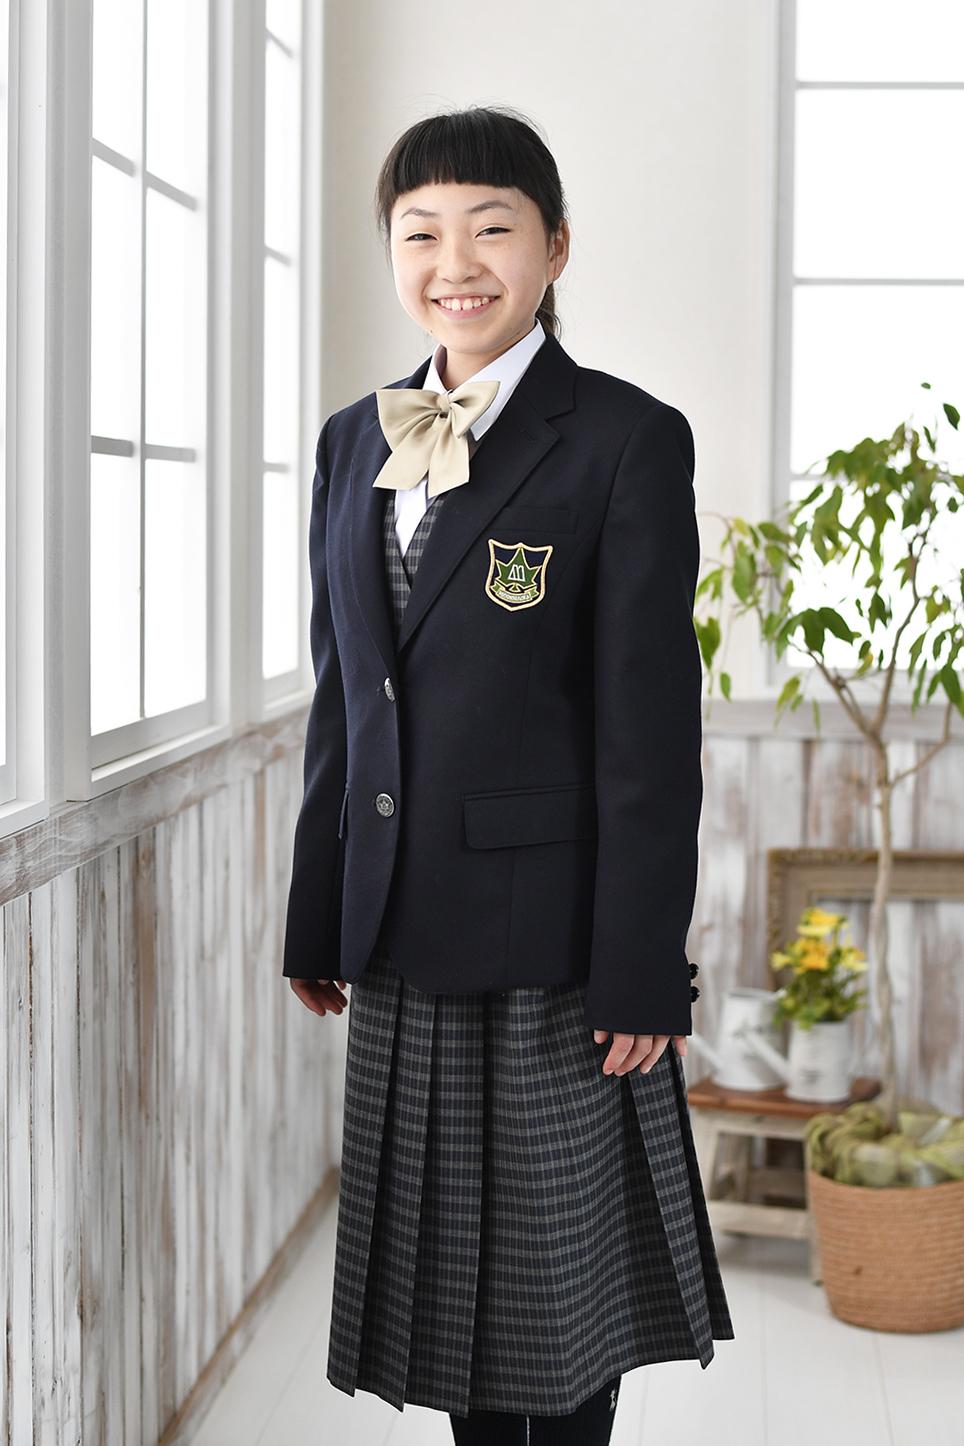 中学入学記念写真